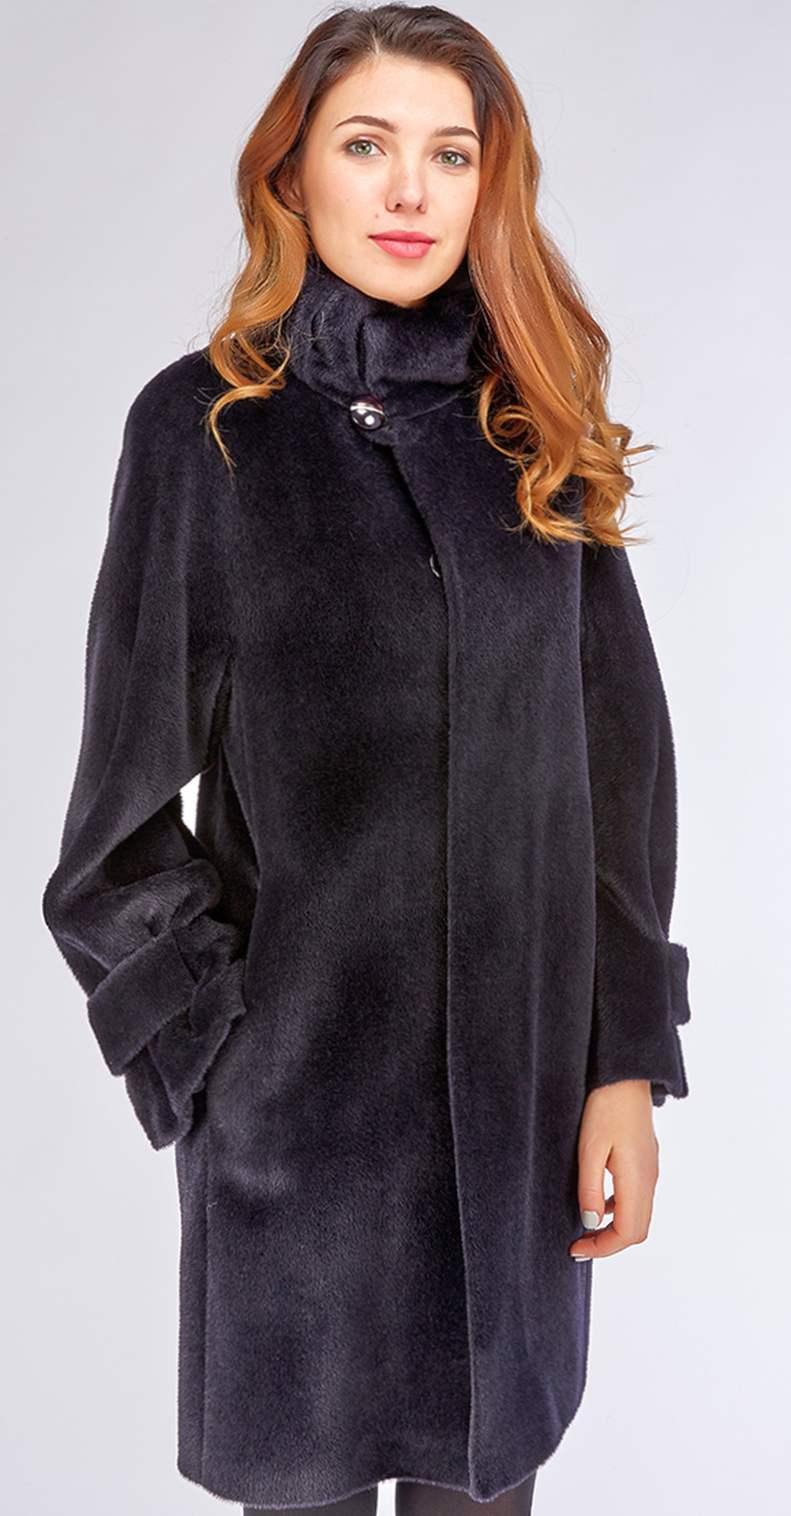 6a8ac790960 Темно-синее женское пальто из альпака модного фасона оверсайз